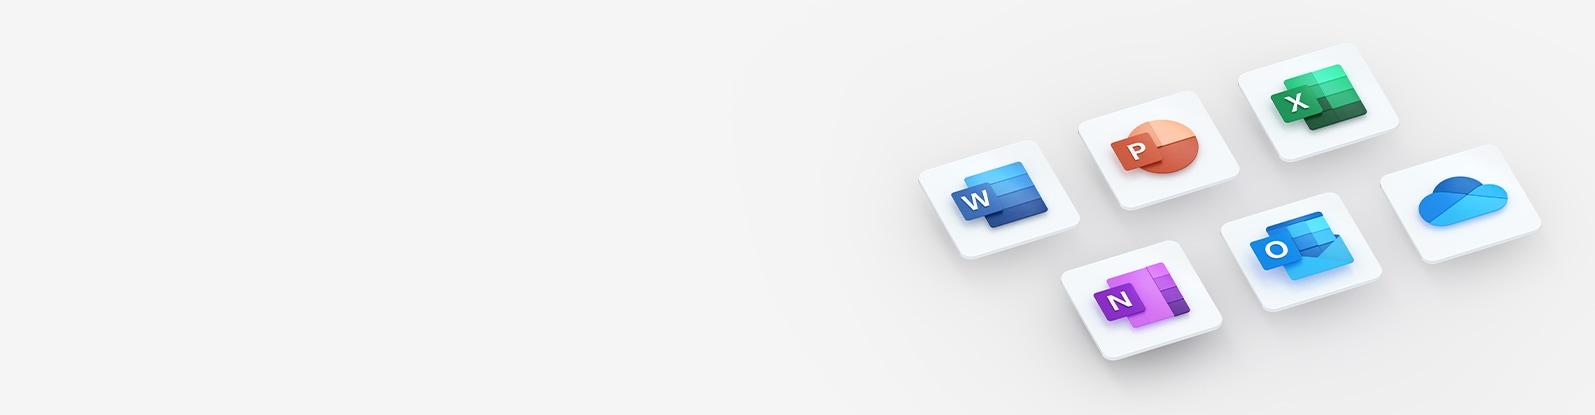 グレーの背景に Microsoft Word、PowerPoint、Excel、OneNote、Outlook、および OneDrive のロゴ。